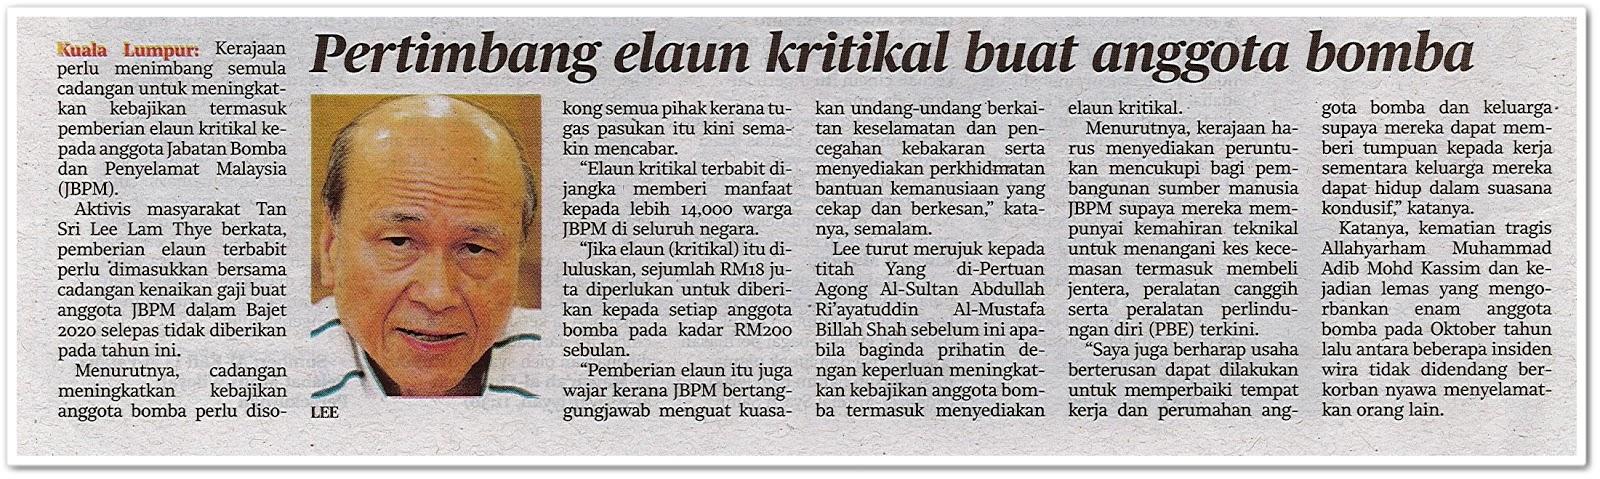 Pertimbang elaun kritikal buat anggota bomba - Keratan akhbar Harian Metro 7 Oktober 2019